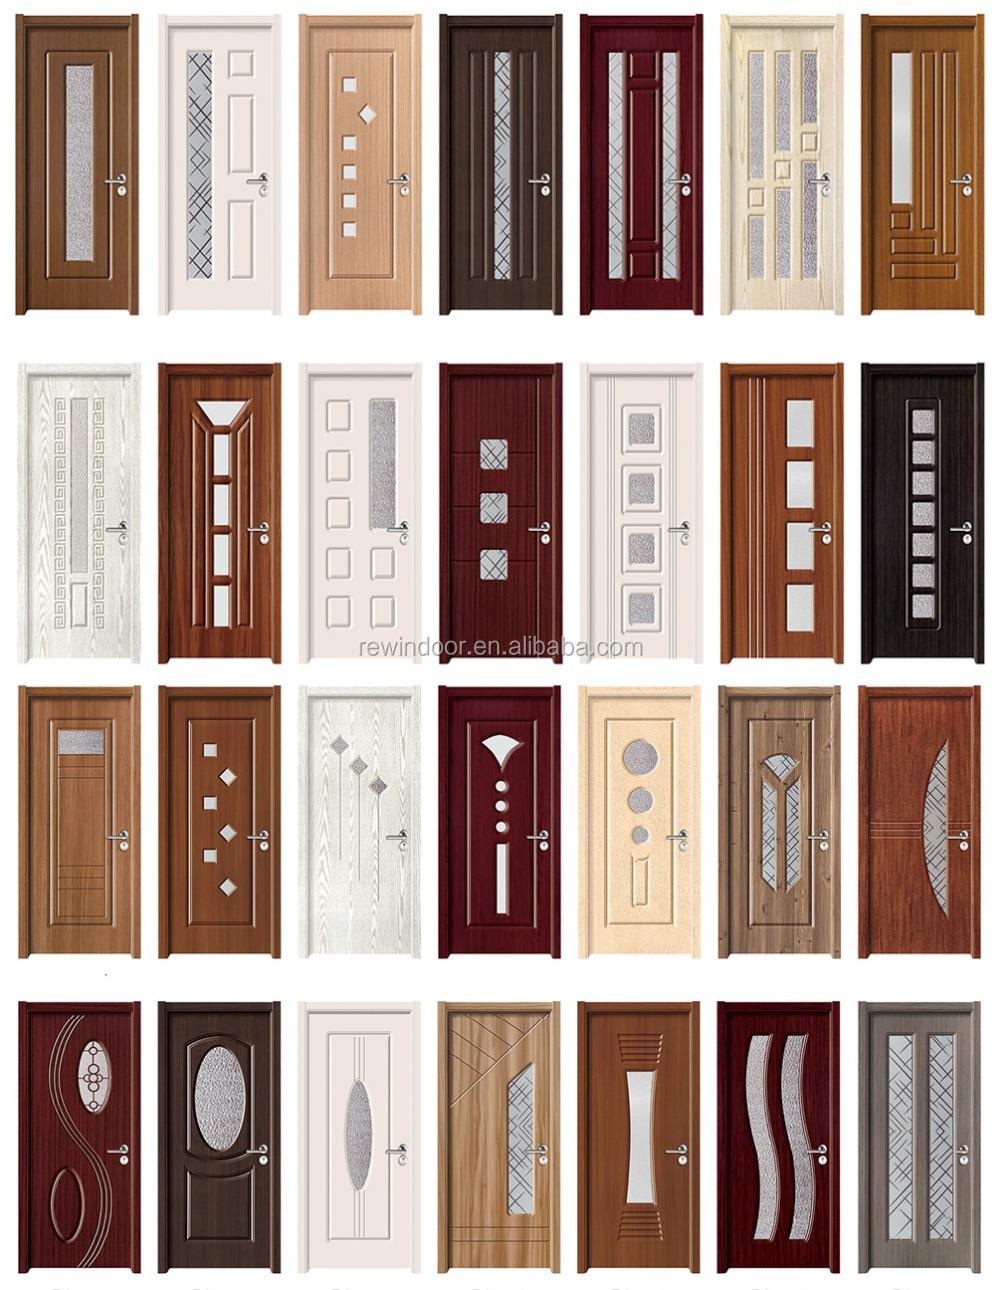 Bedroom door designs in wood marymarinfo